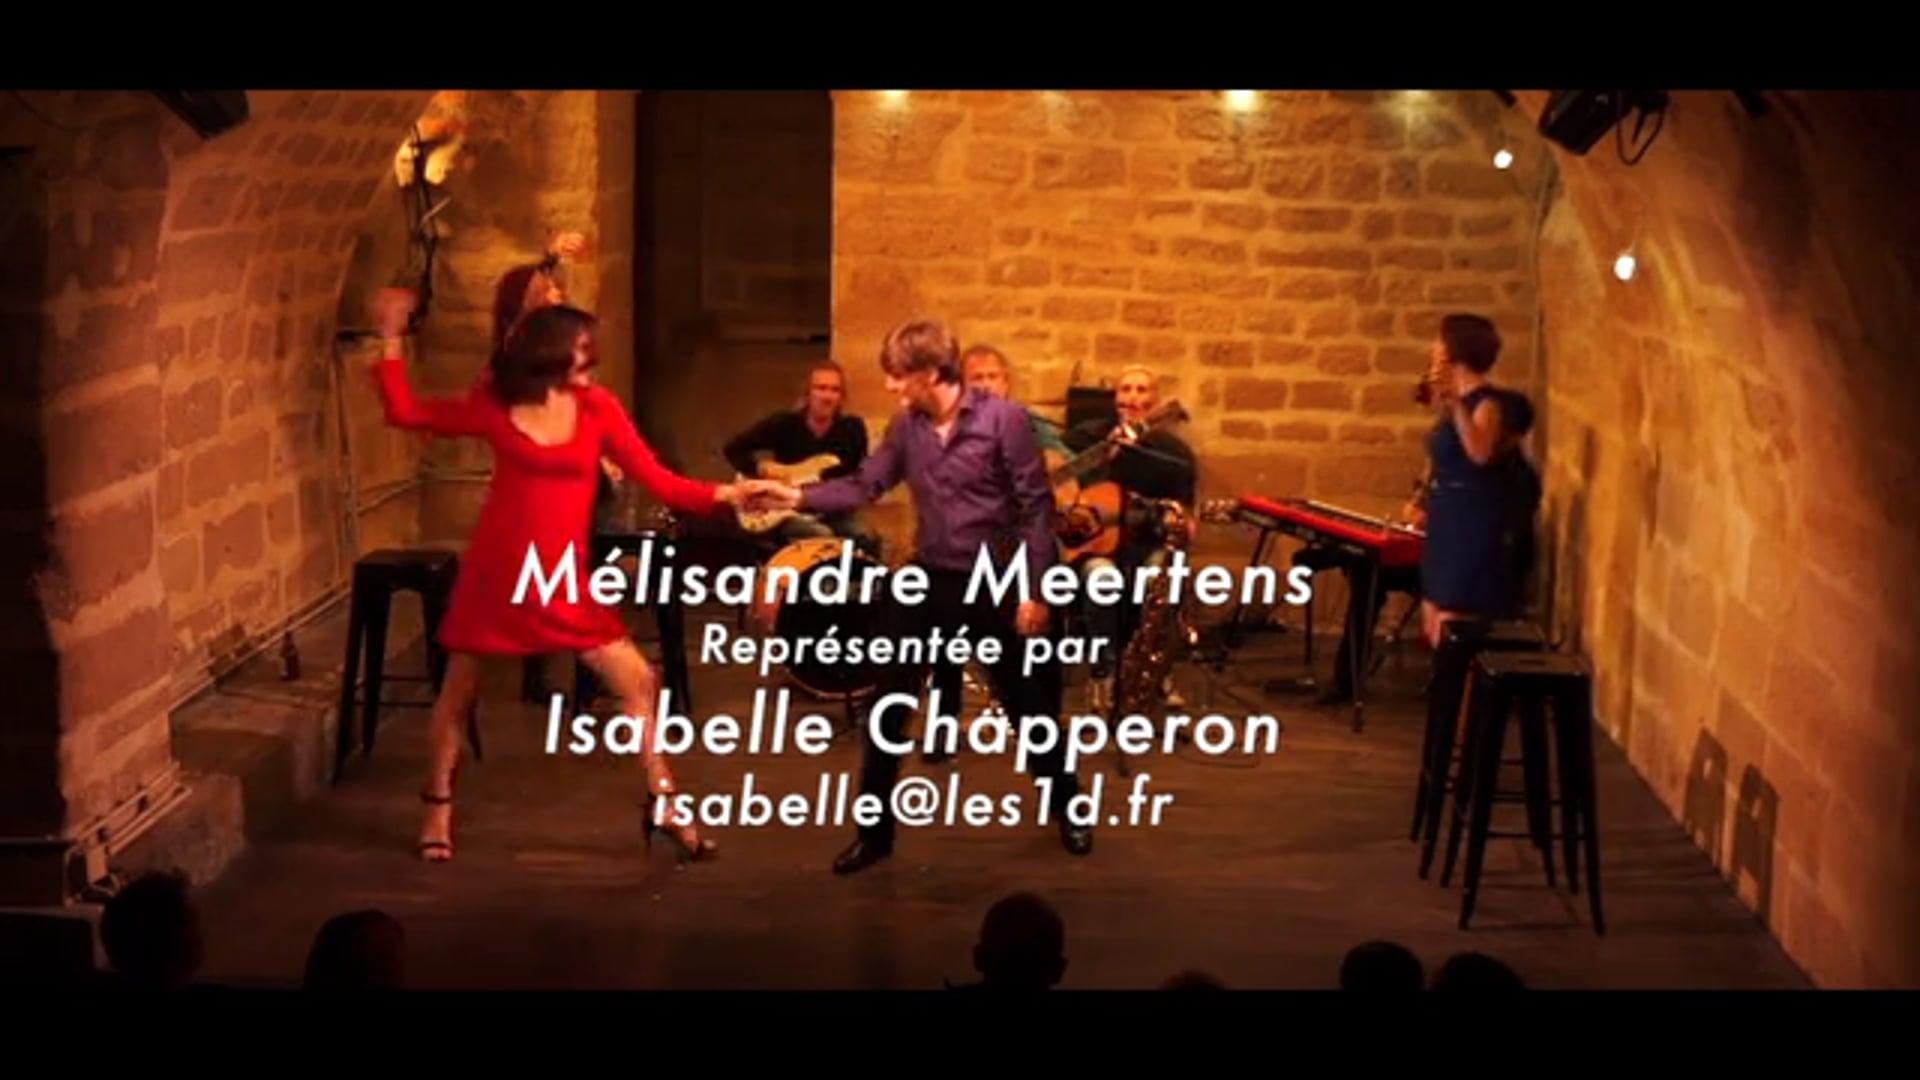 Extrait Théâtre Mélisandre Meertens